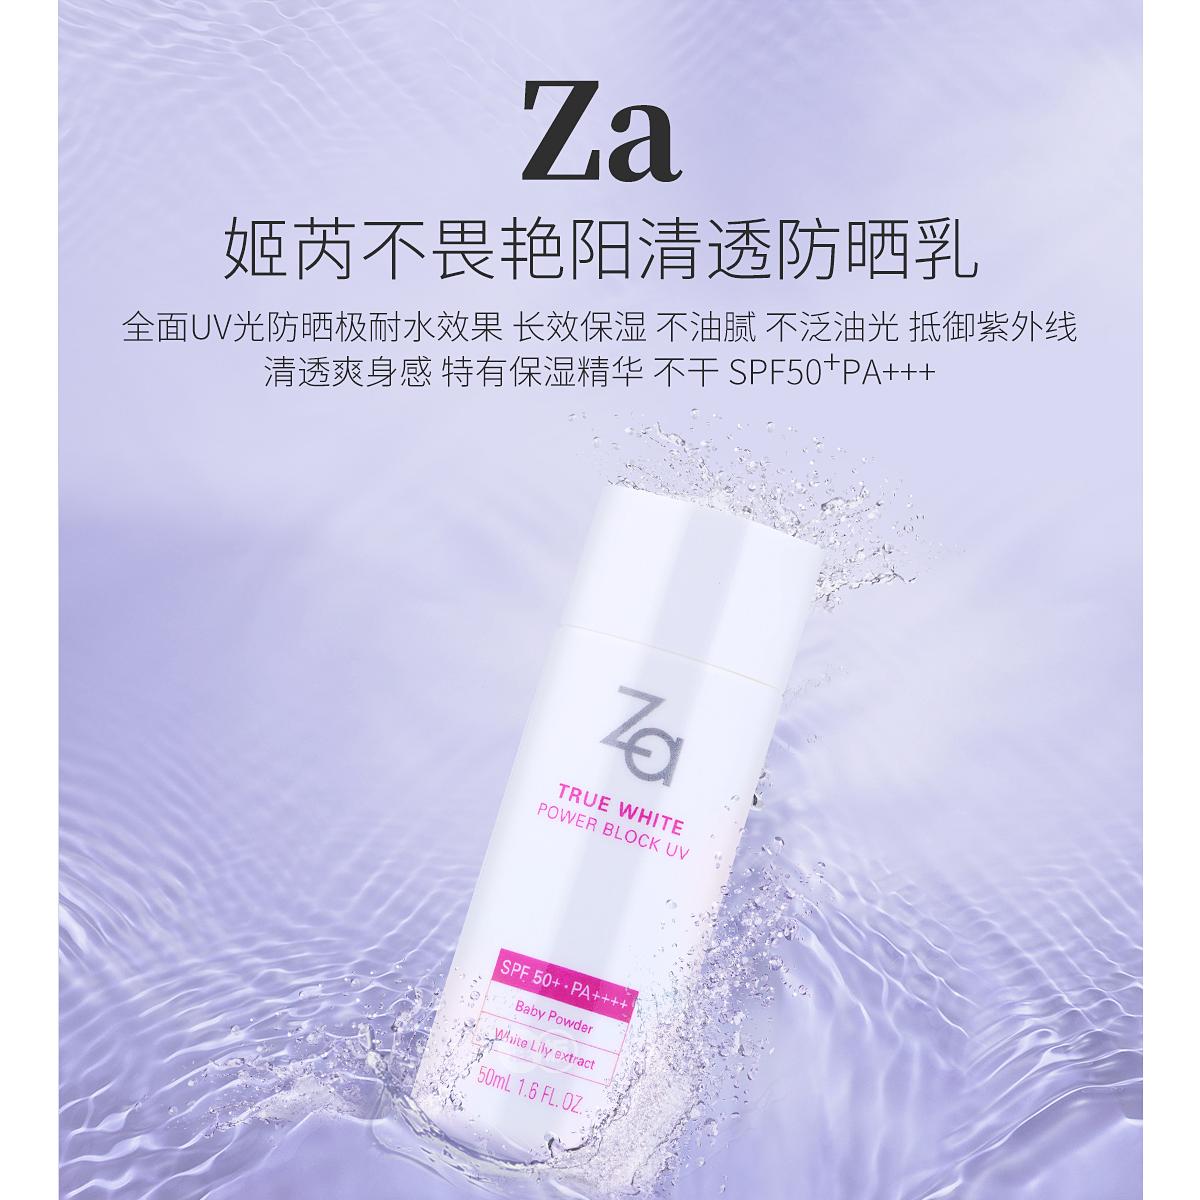 台湾采购za不畏艳阳防晒霜清透防晒乳液保湿